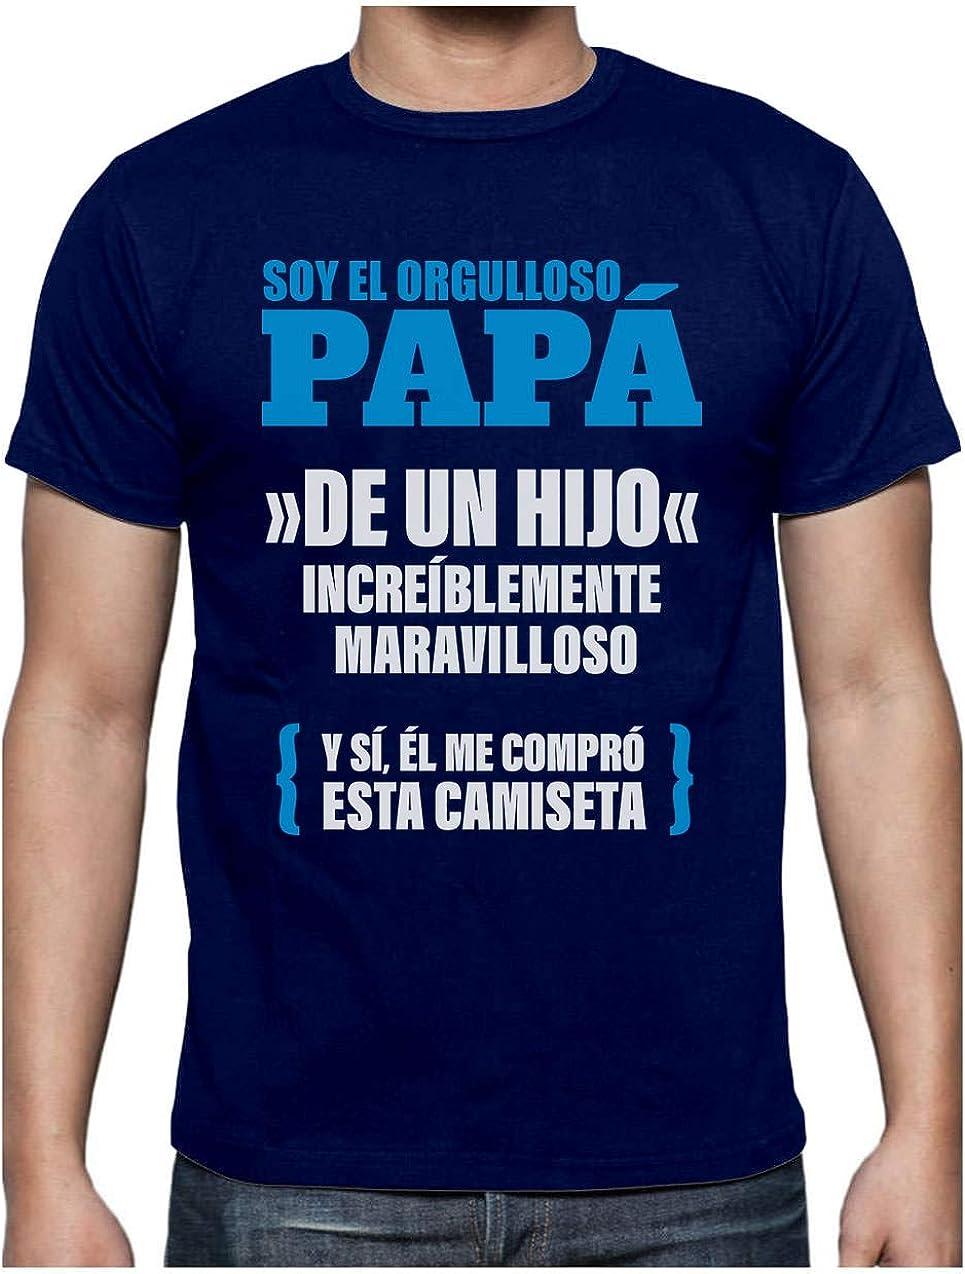 Green Turtle Camiseta para Hombre - Regalos para Hombre, Regalos para Padres. Camisetas Hombre Originales Divertidas - Orgulloso Papá de un Hijo Increíble